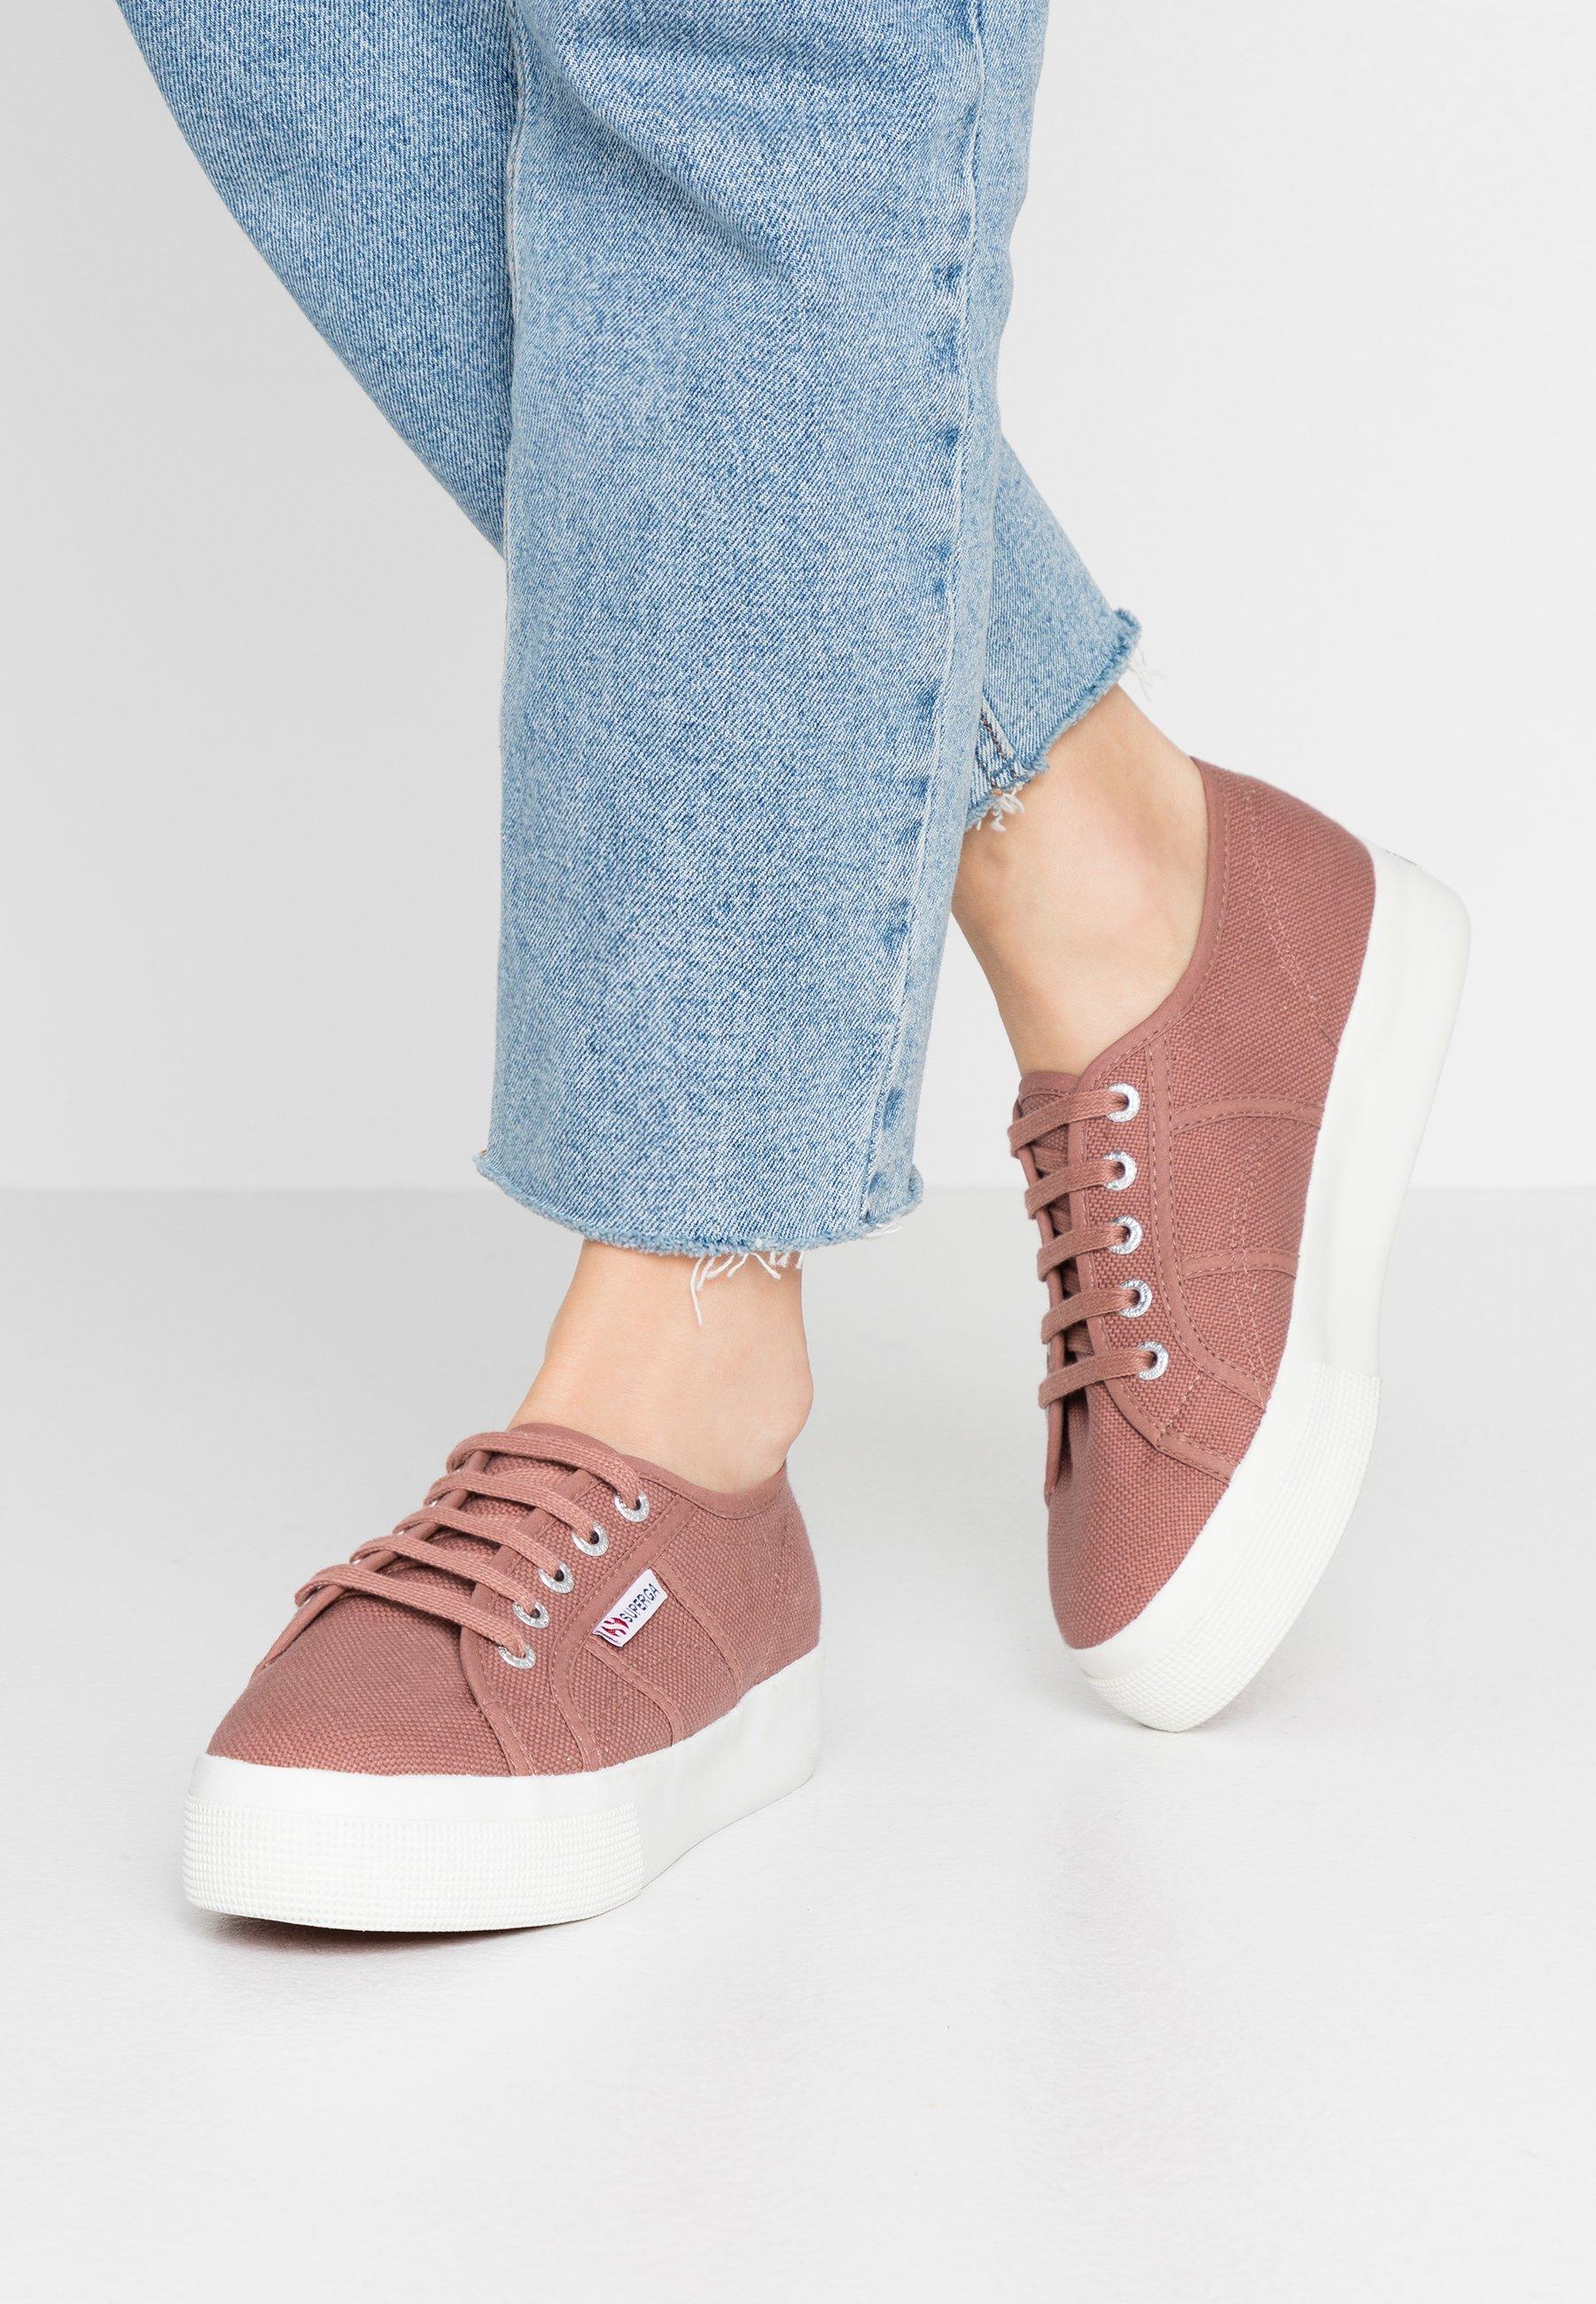 Gutes Angebot Superga COTU - Sneaker low - rose burlwood | Damenbekleidung 2020